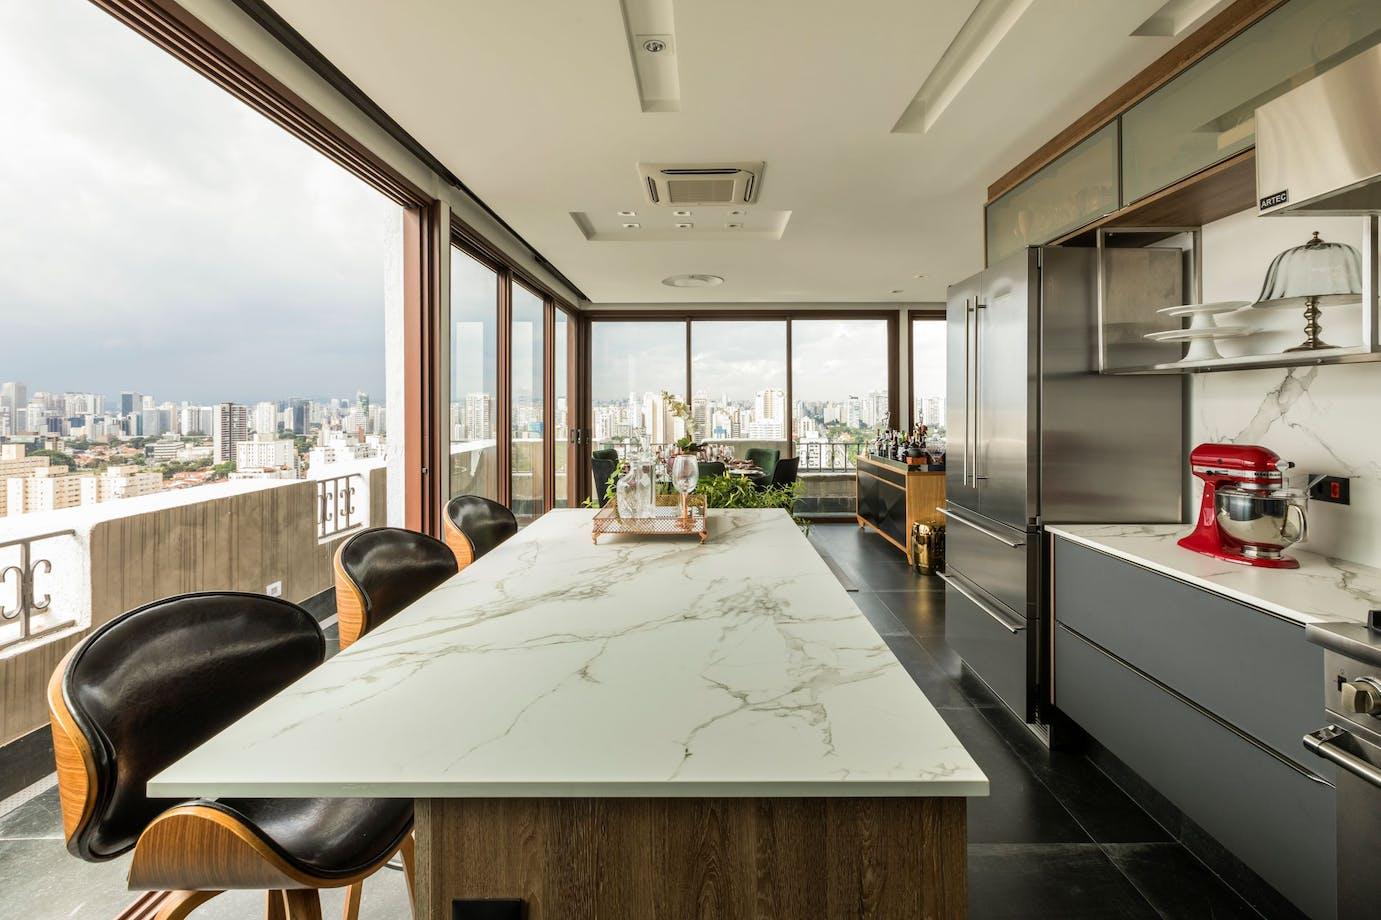 Cobertura Duplex E|L São Paulo - 02